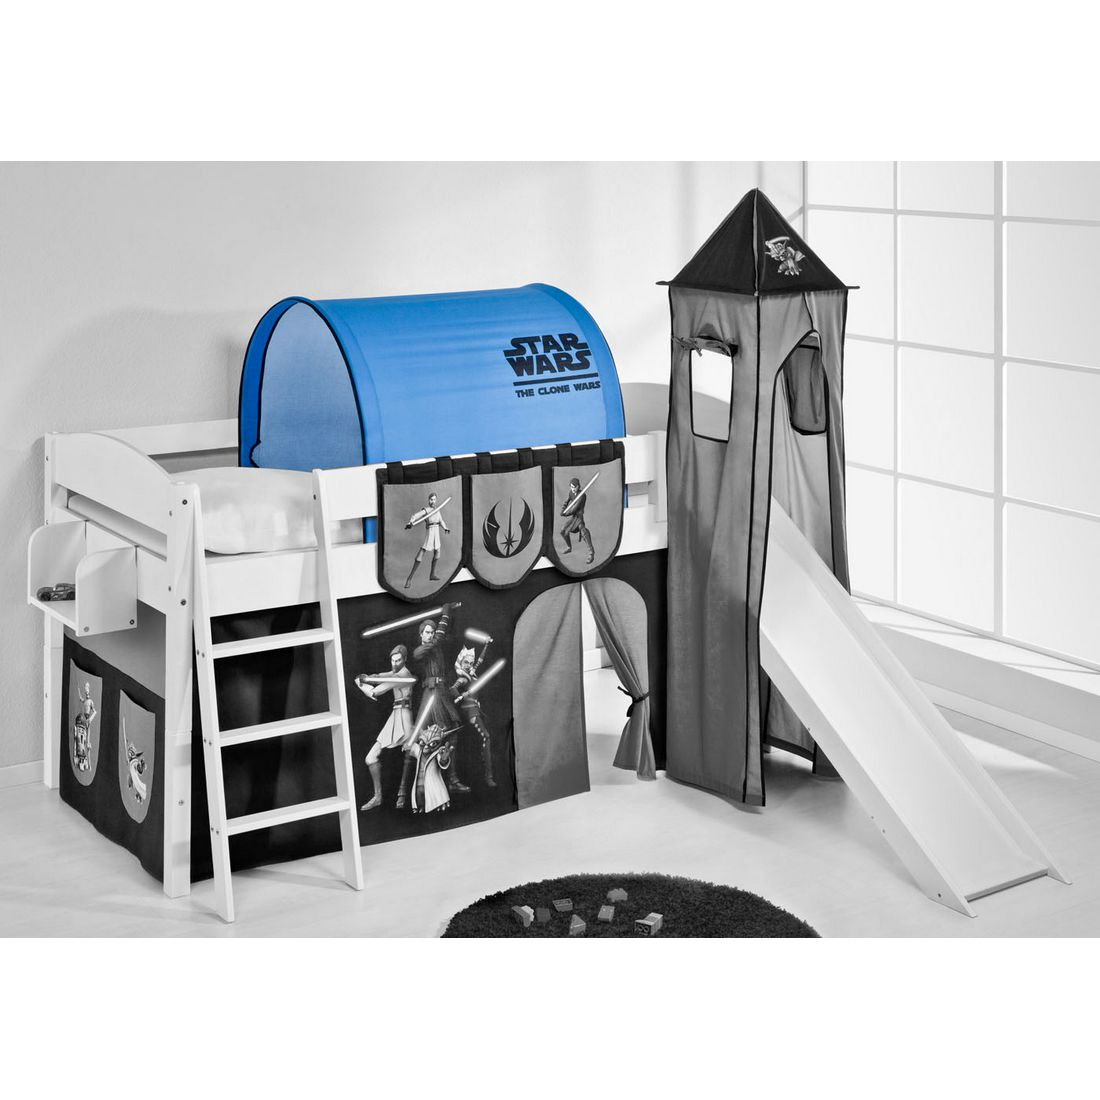 tunnel f r hochbett tunnel spieltunnel spielh hle f r hochbett etagenbett gelb tunnel f r. Black Bedroom Furniture Sets. Home Design Ideas